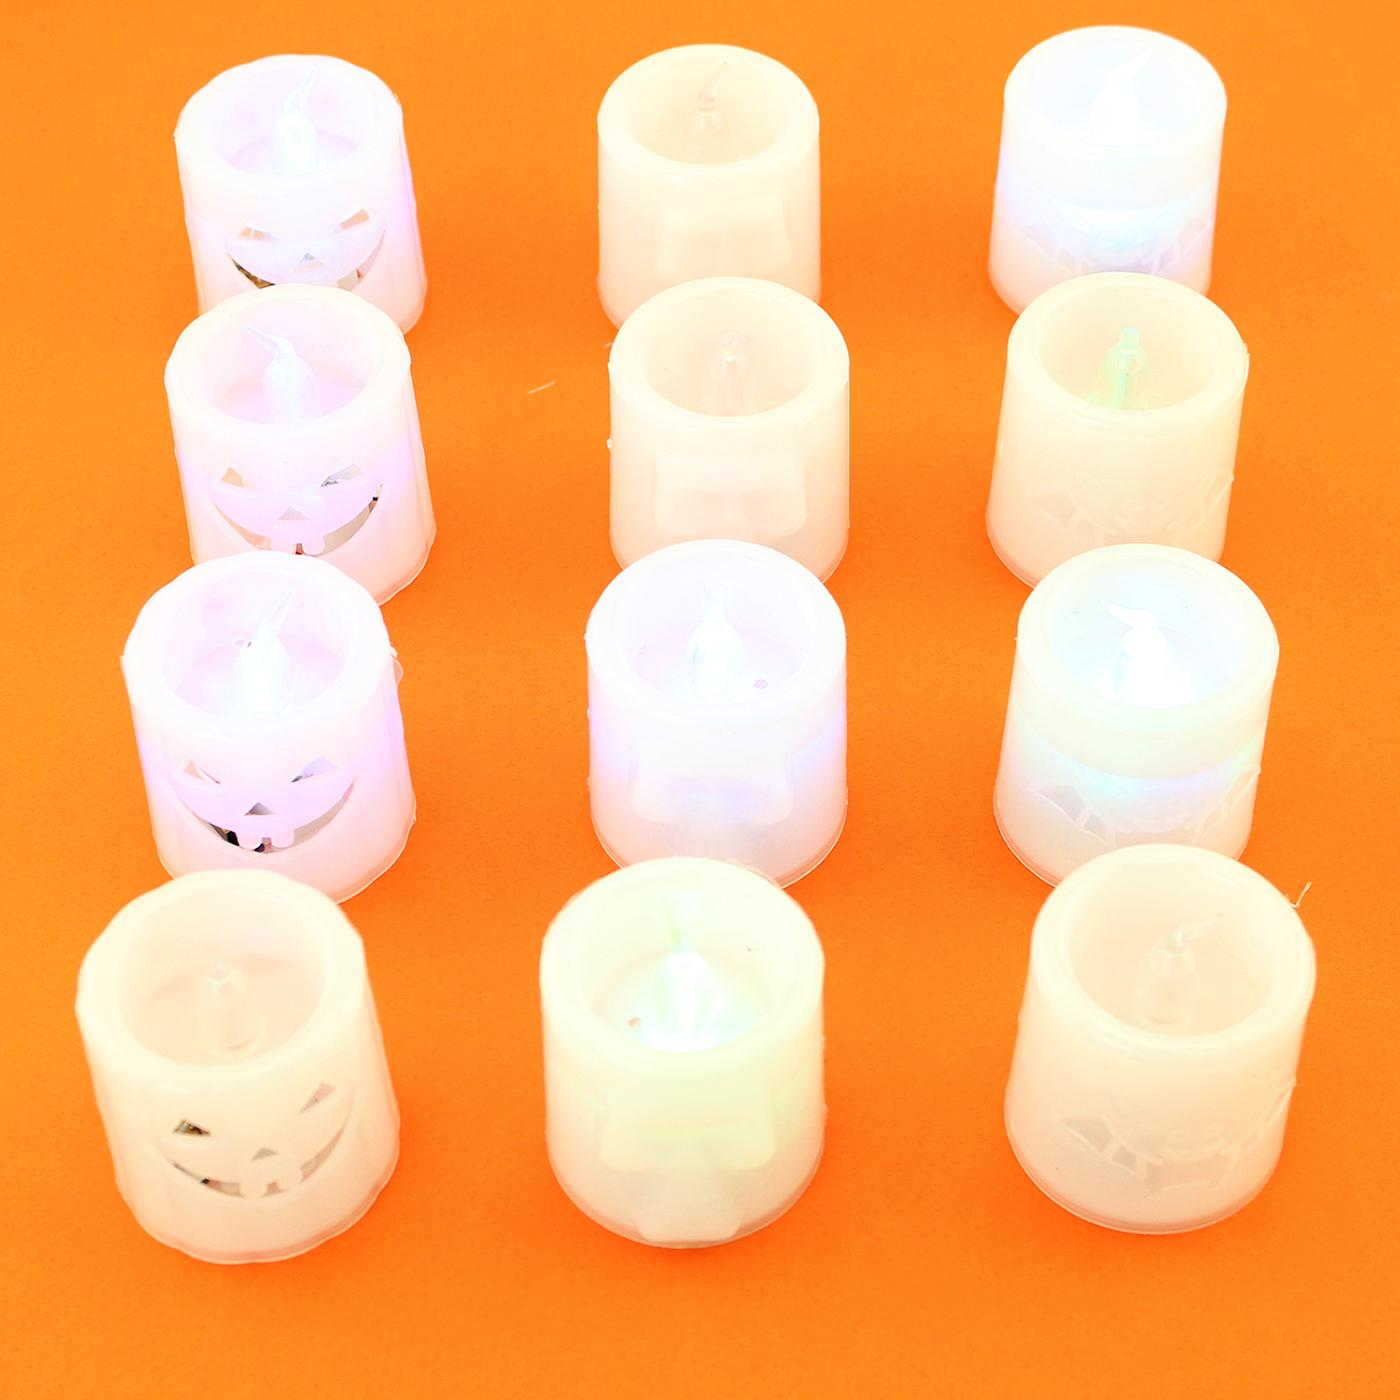 light up battery flameless candles halloween pumpkin, bat, skull